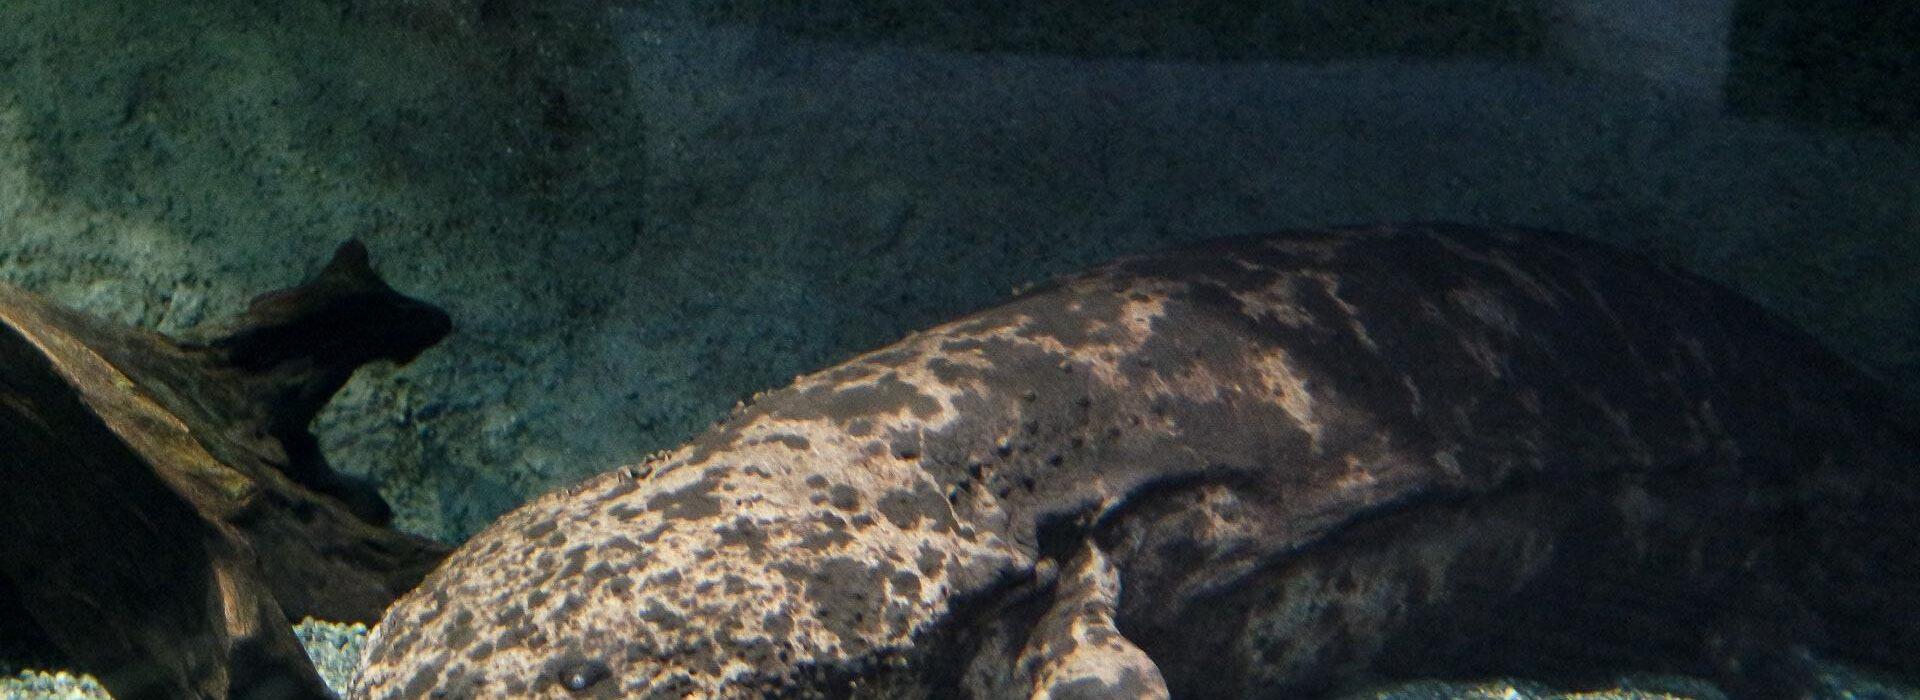 Salamandre aquarium Umi Tamago, préfecture d'Oita